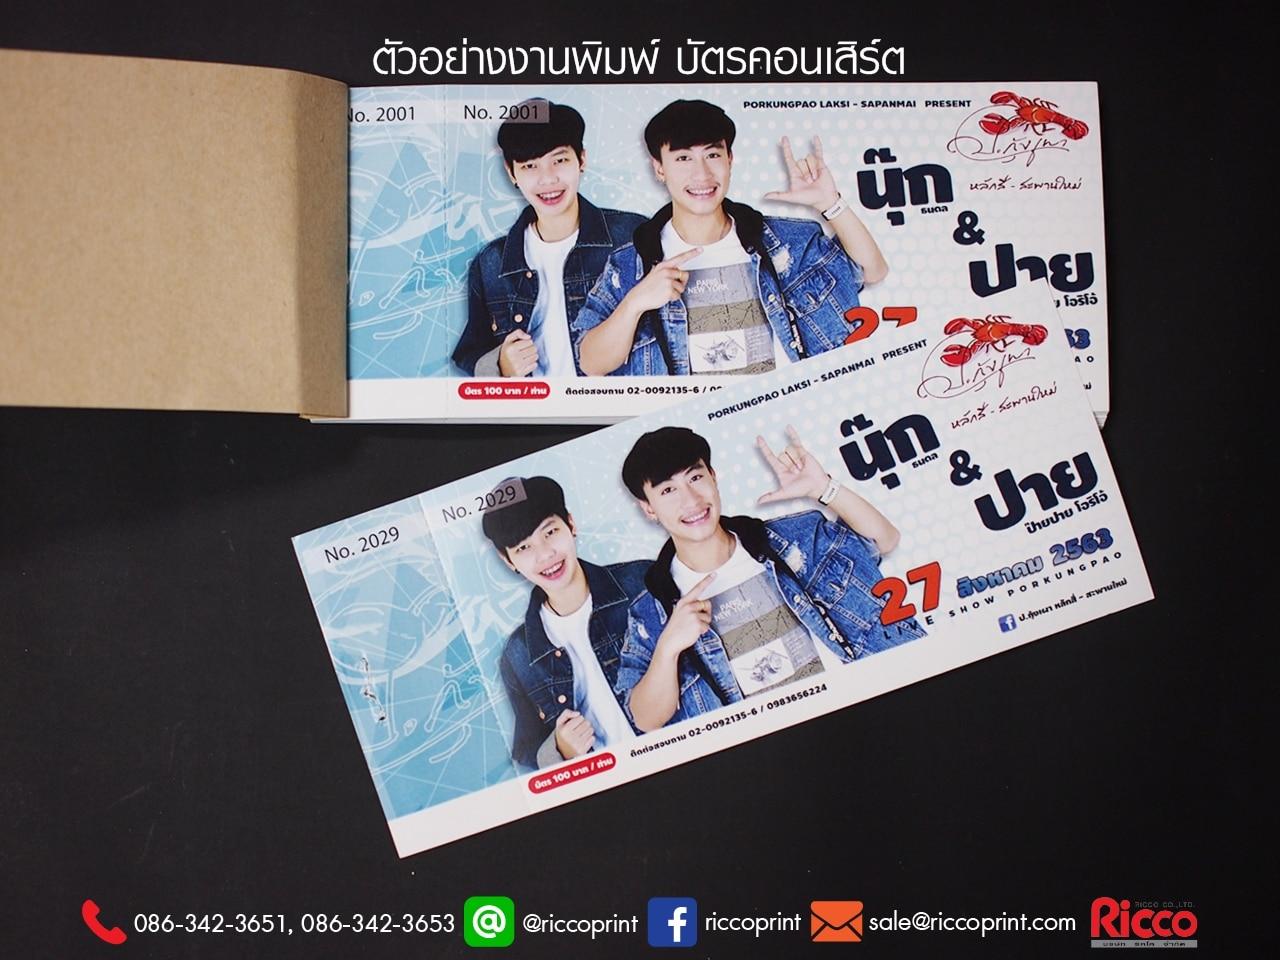 รูป Ticket 2020 ConcertNookPai2 - ประกอบเนื้อหา คูปอง บัตรกำนัล ตั๋ว